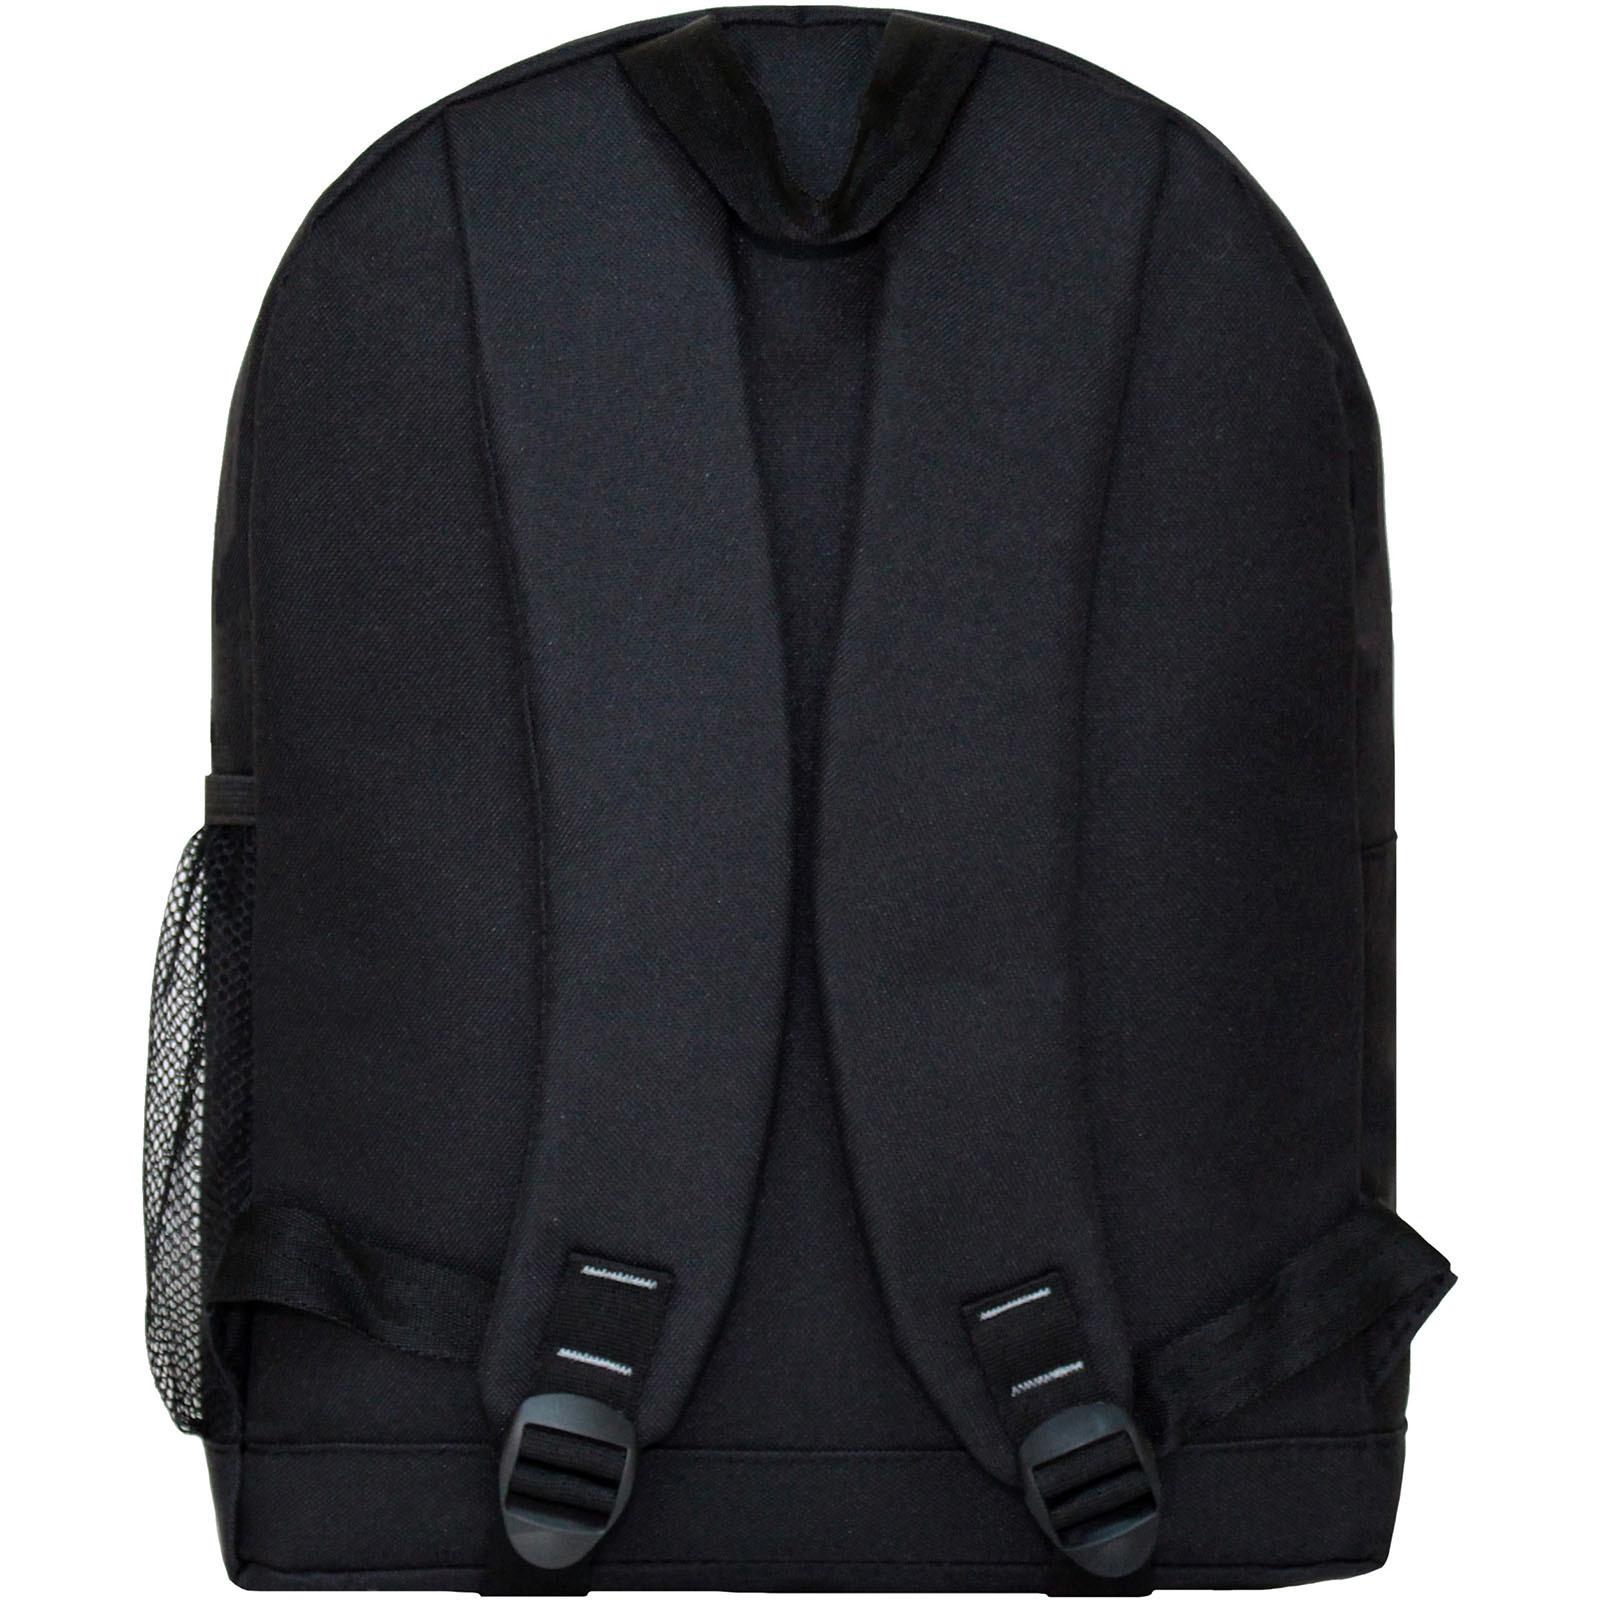 Рюкзак Bagland Молодежный W/R 17 л. черный 487 (00533662) фото 3